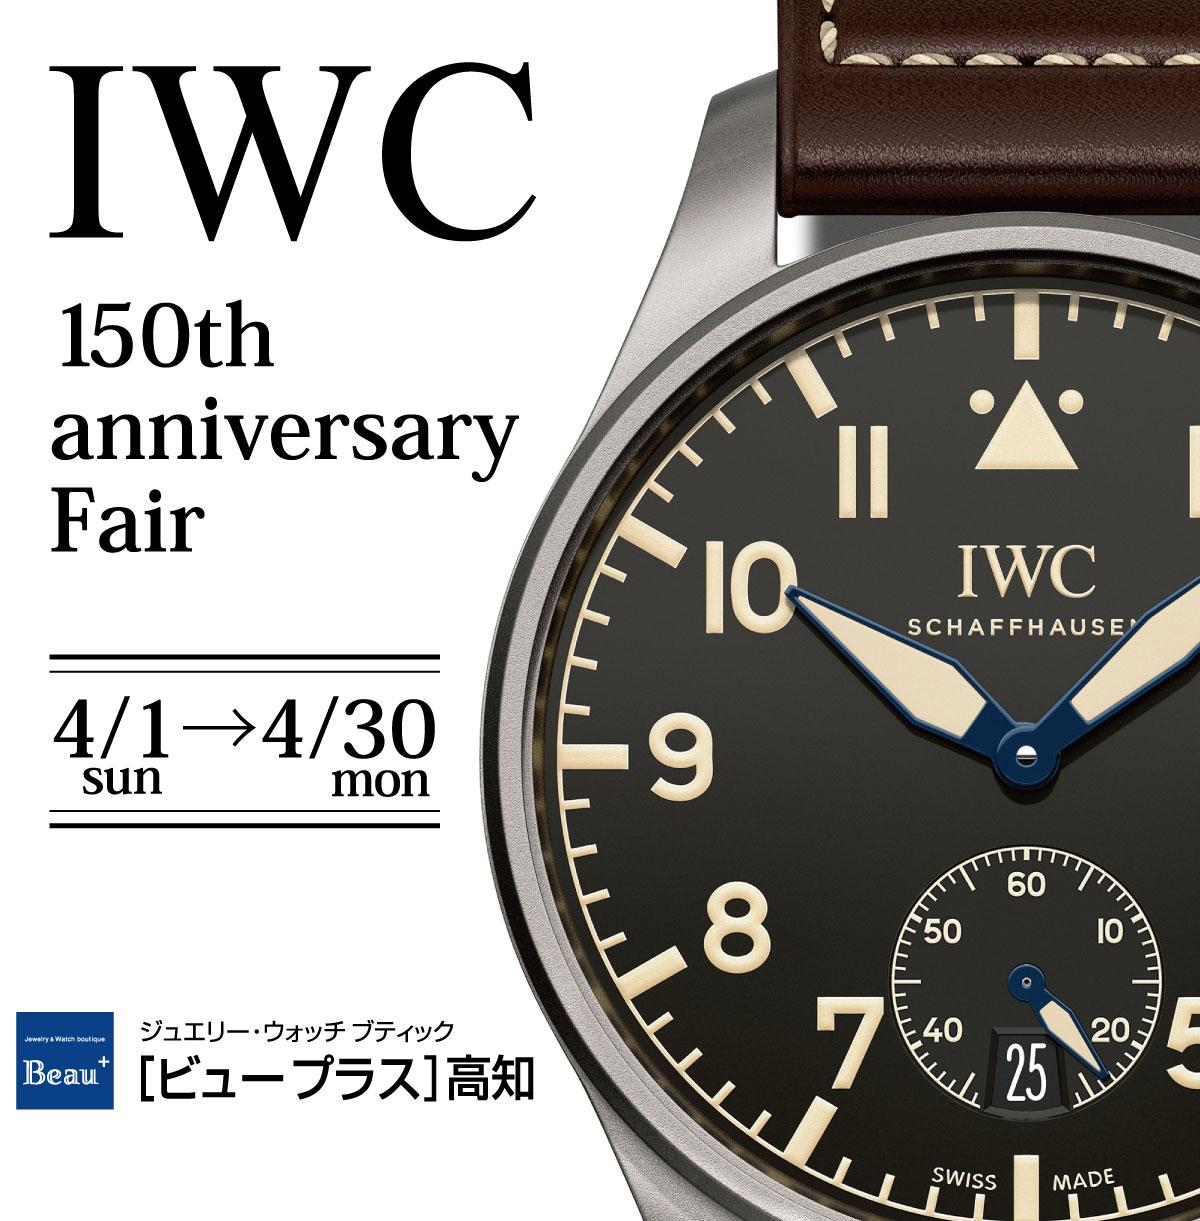 iwcfair-pic1